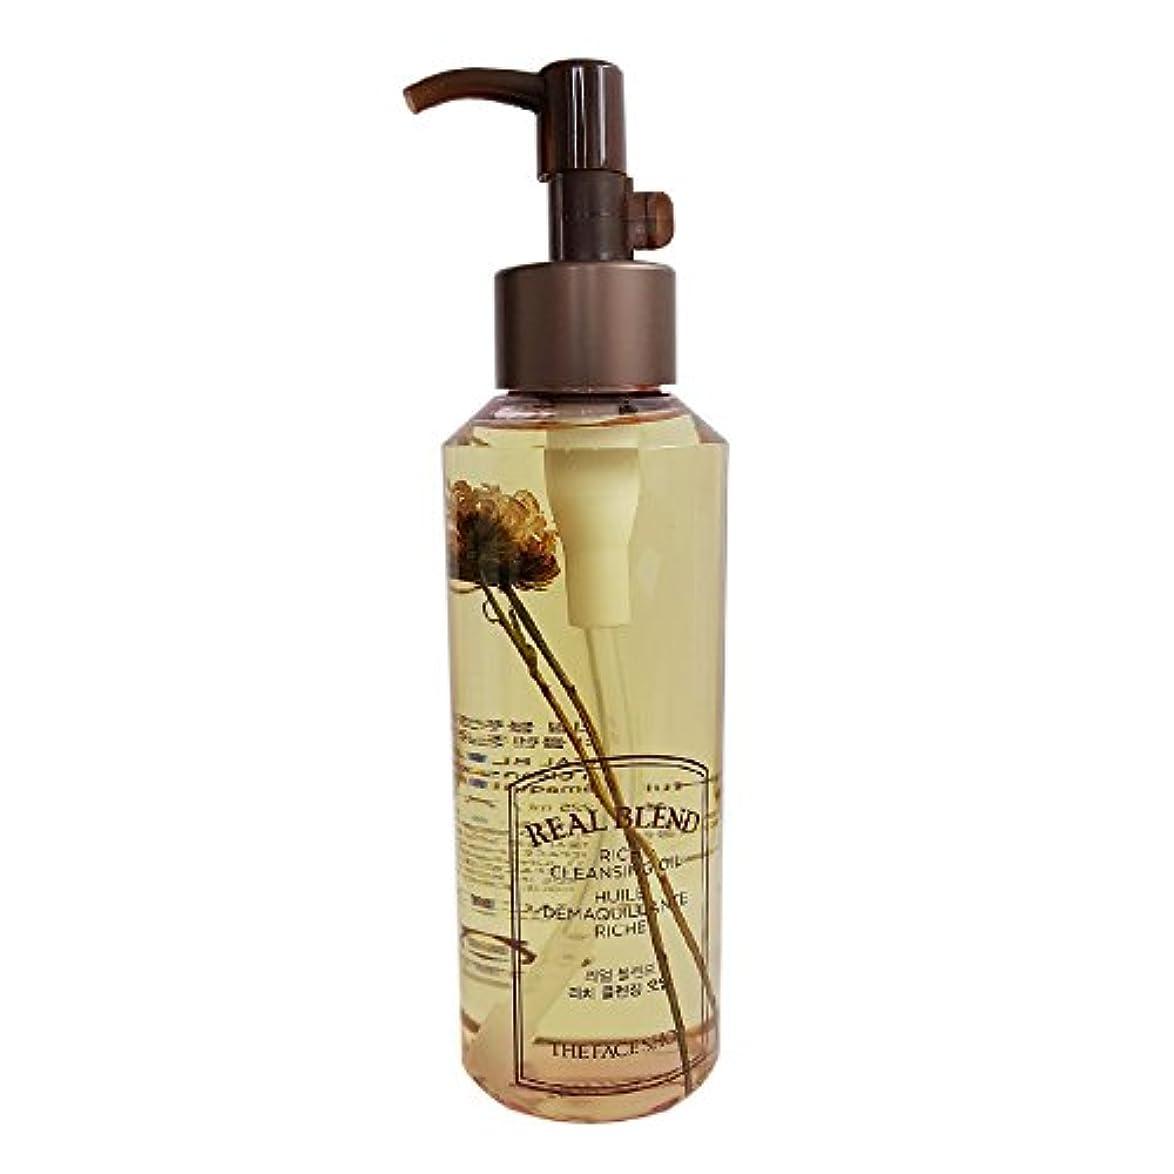 期待作り上げる理解する[ザ·フェイスショップ]The Face Shop リアルブランド リッチクレンジングオイル (225ml) The Face Shop Real Blend Rich Cleansing Oil(225ml) [海外直送品]